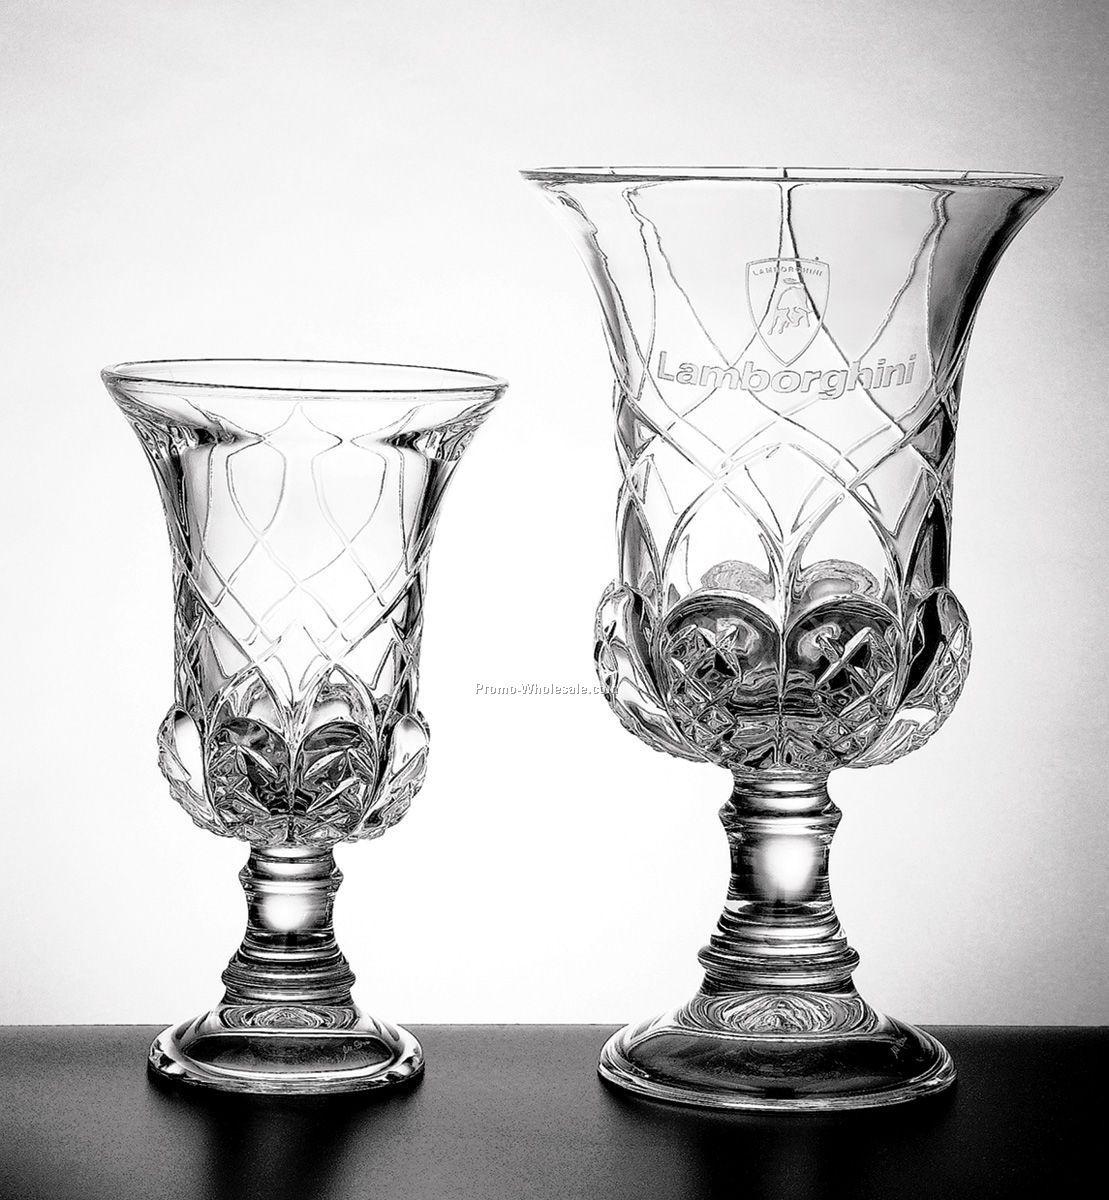 Vaseschina wholesale vases lofty vase award reviewsmspy